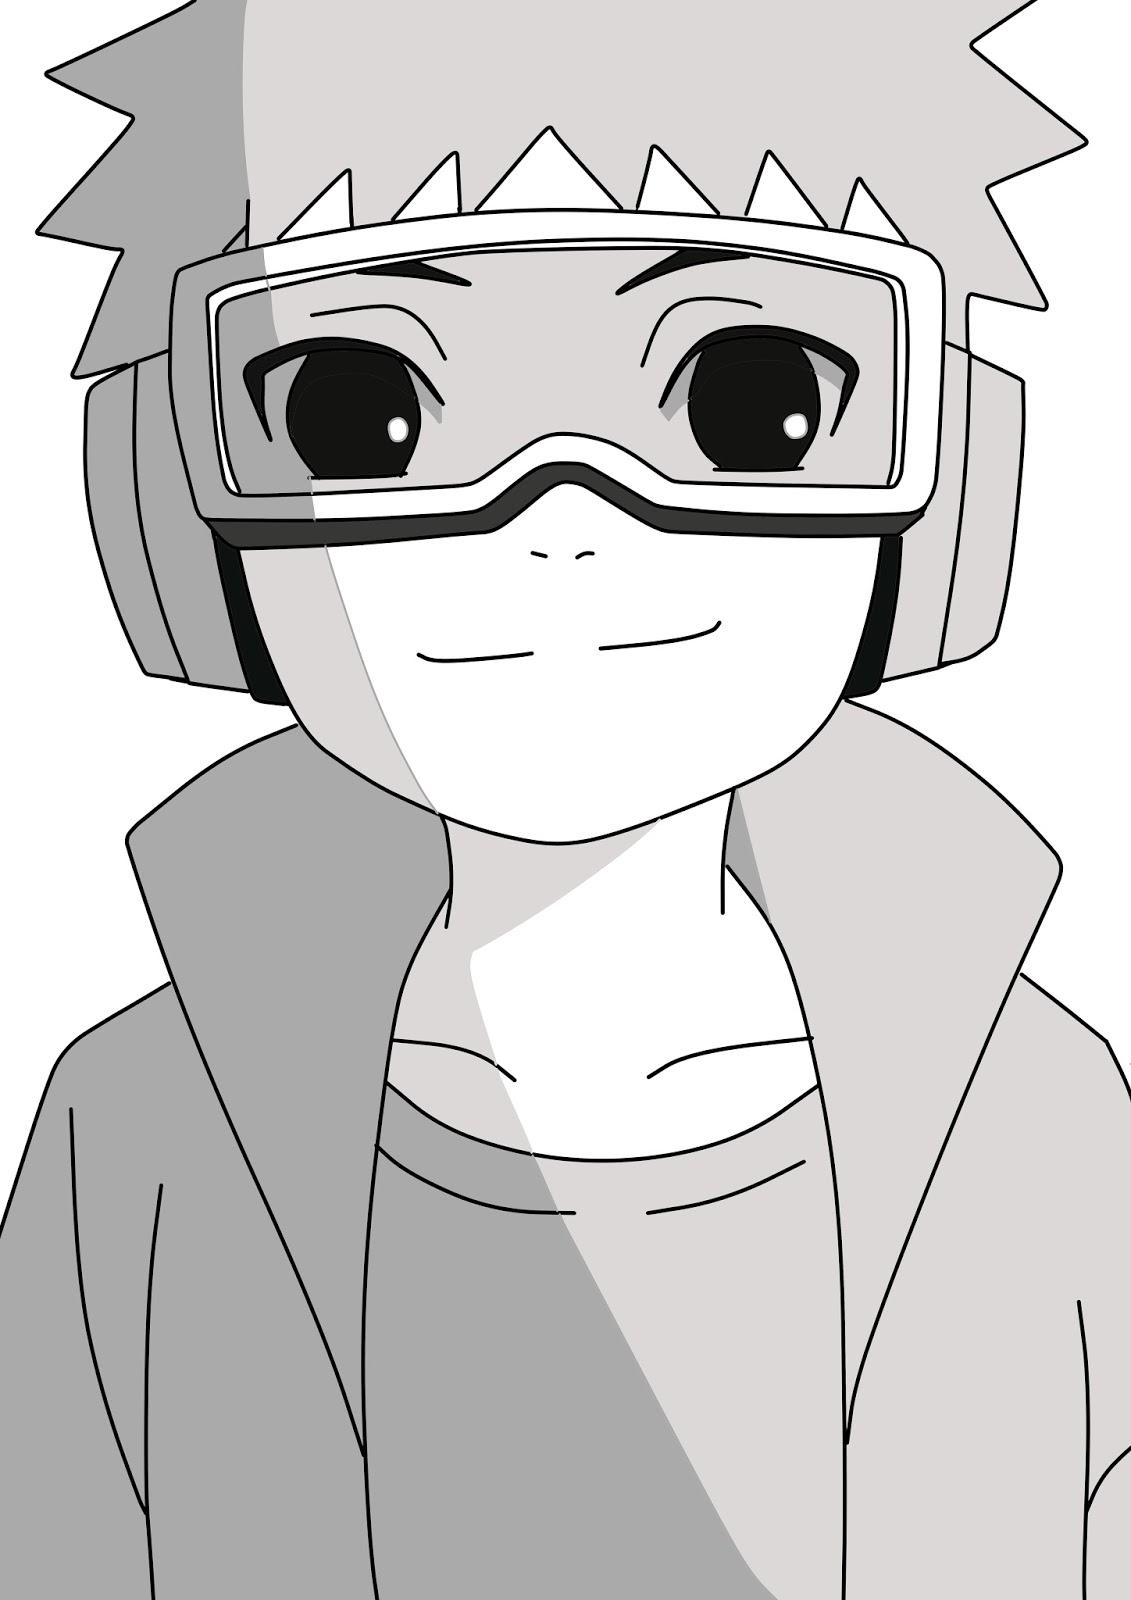 Kumpulan Gambar Sketsa Karakter Anime